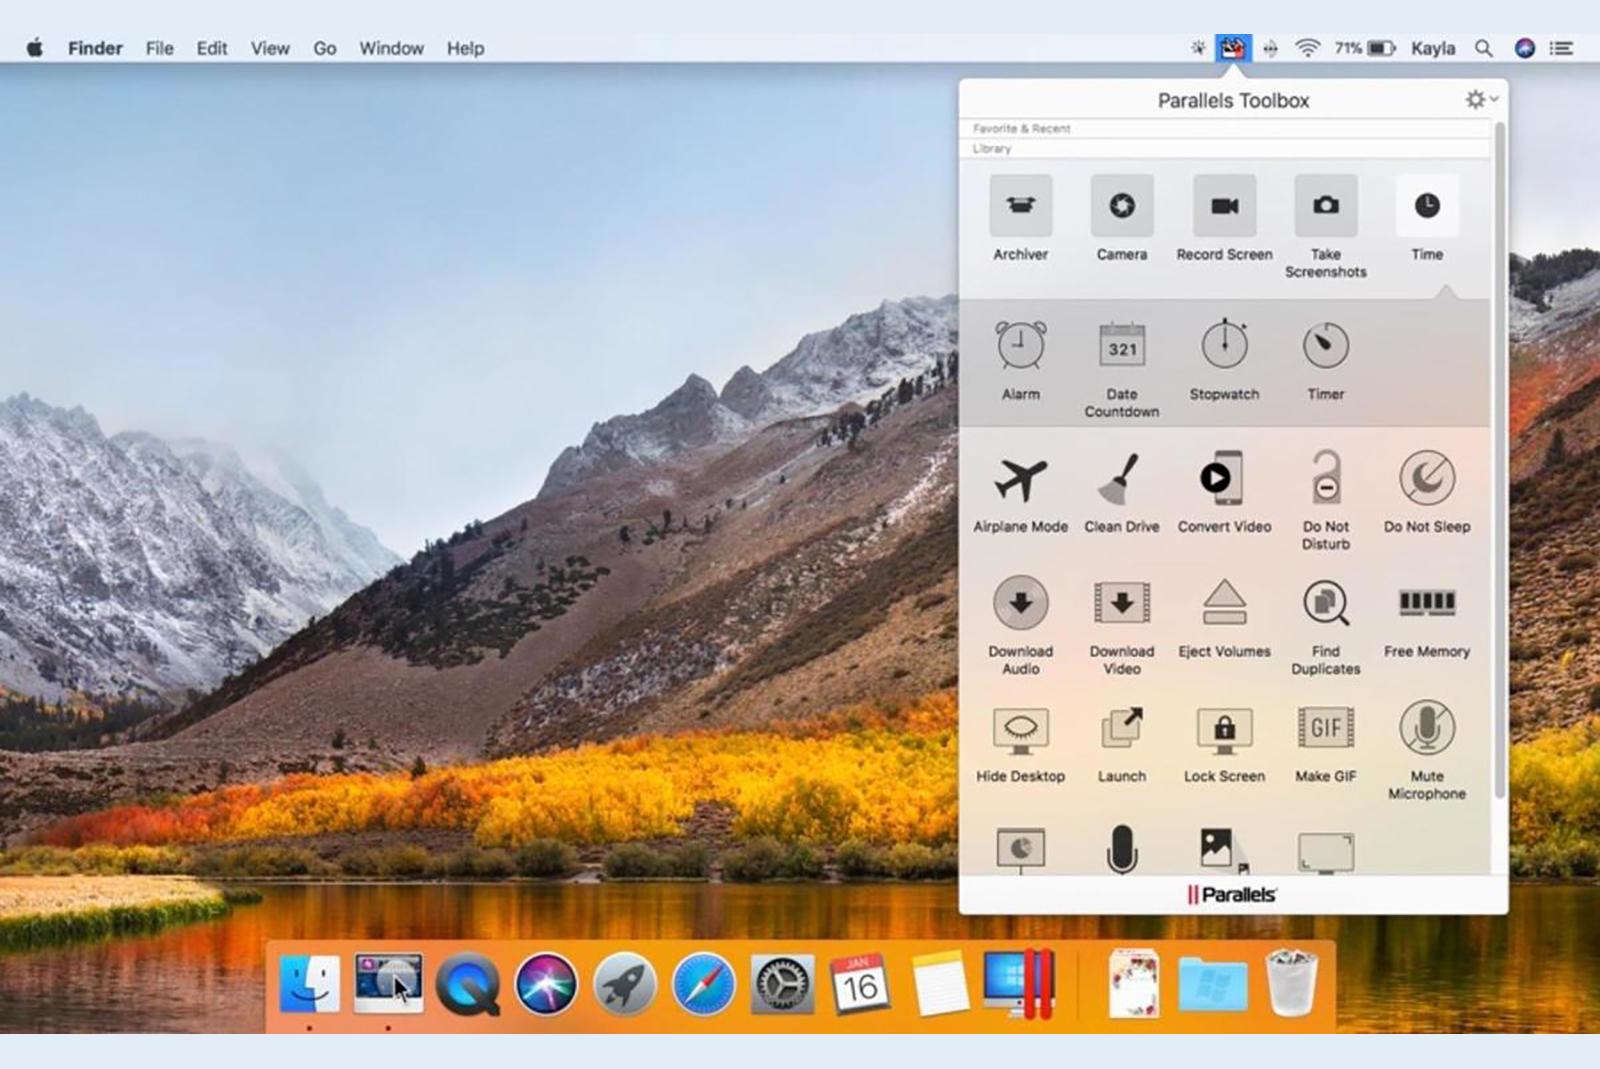 best-mac-cleaner-app-2-parallels-toolbox.jpg